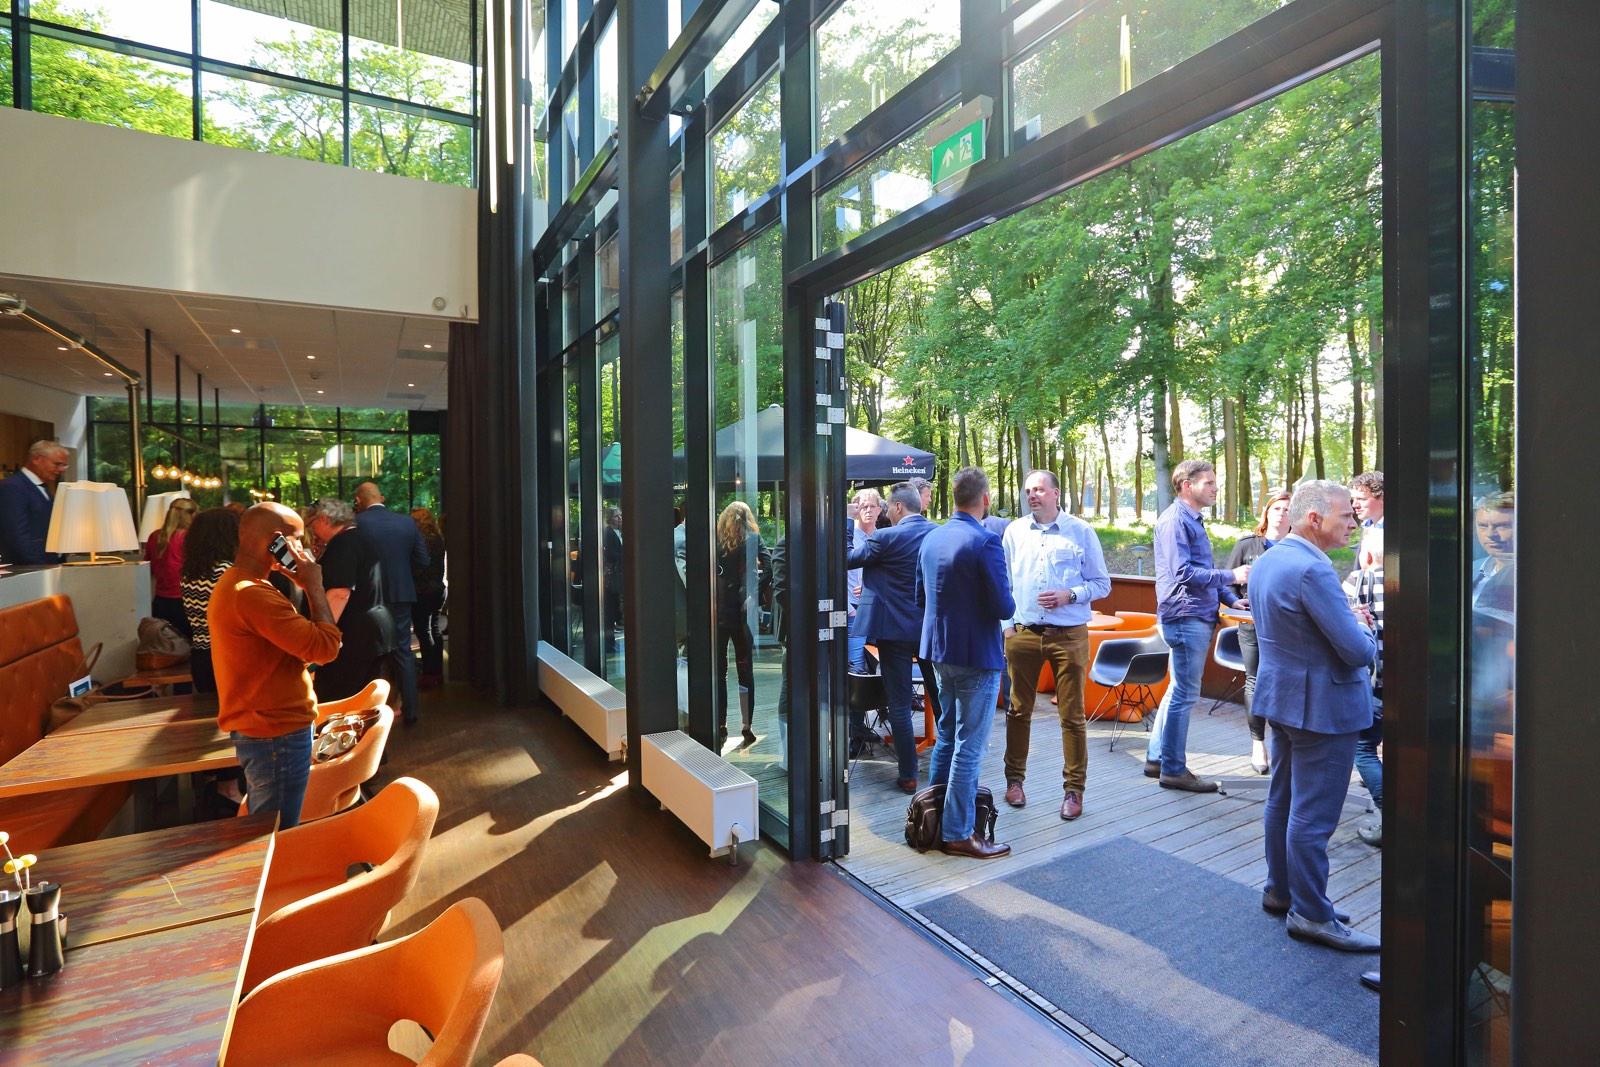 Interieur gebouw met uitkijk naar buiten en bezoekers